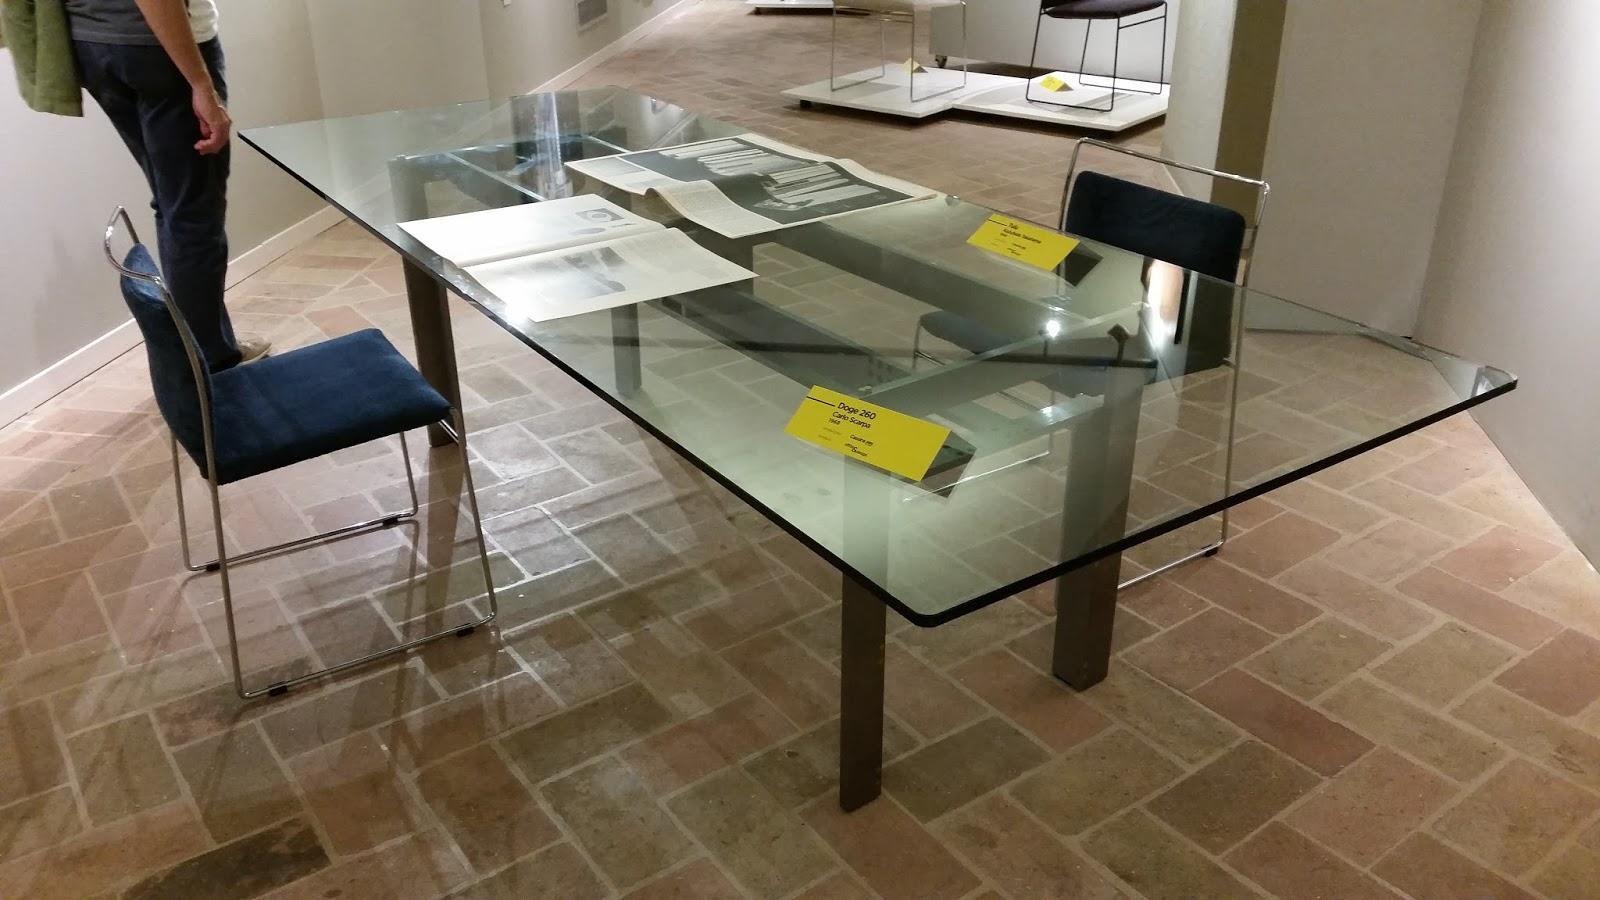 Gdl trace doge il tavolo disegnato da carlo scarpa per cassina - Tavolo carlo scarpa prezzo ...